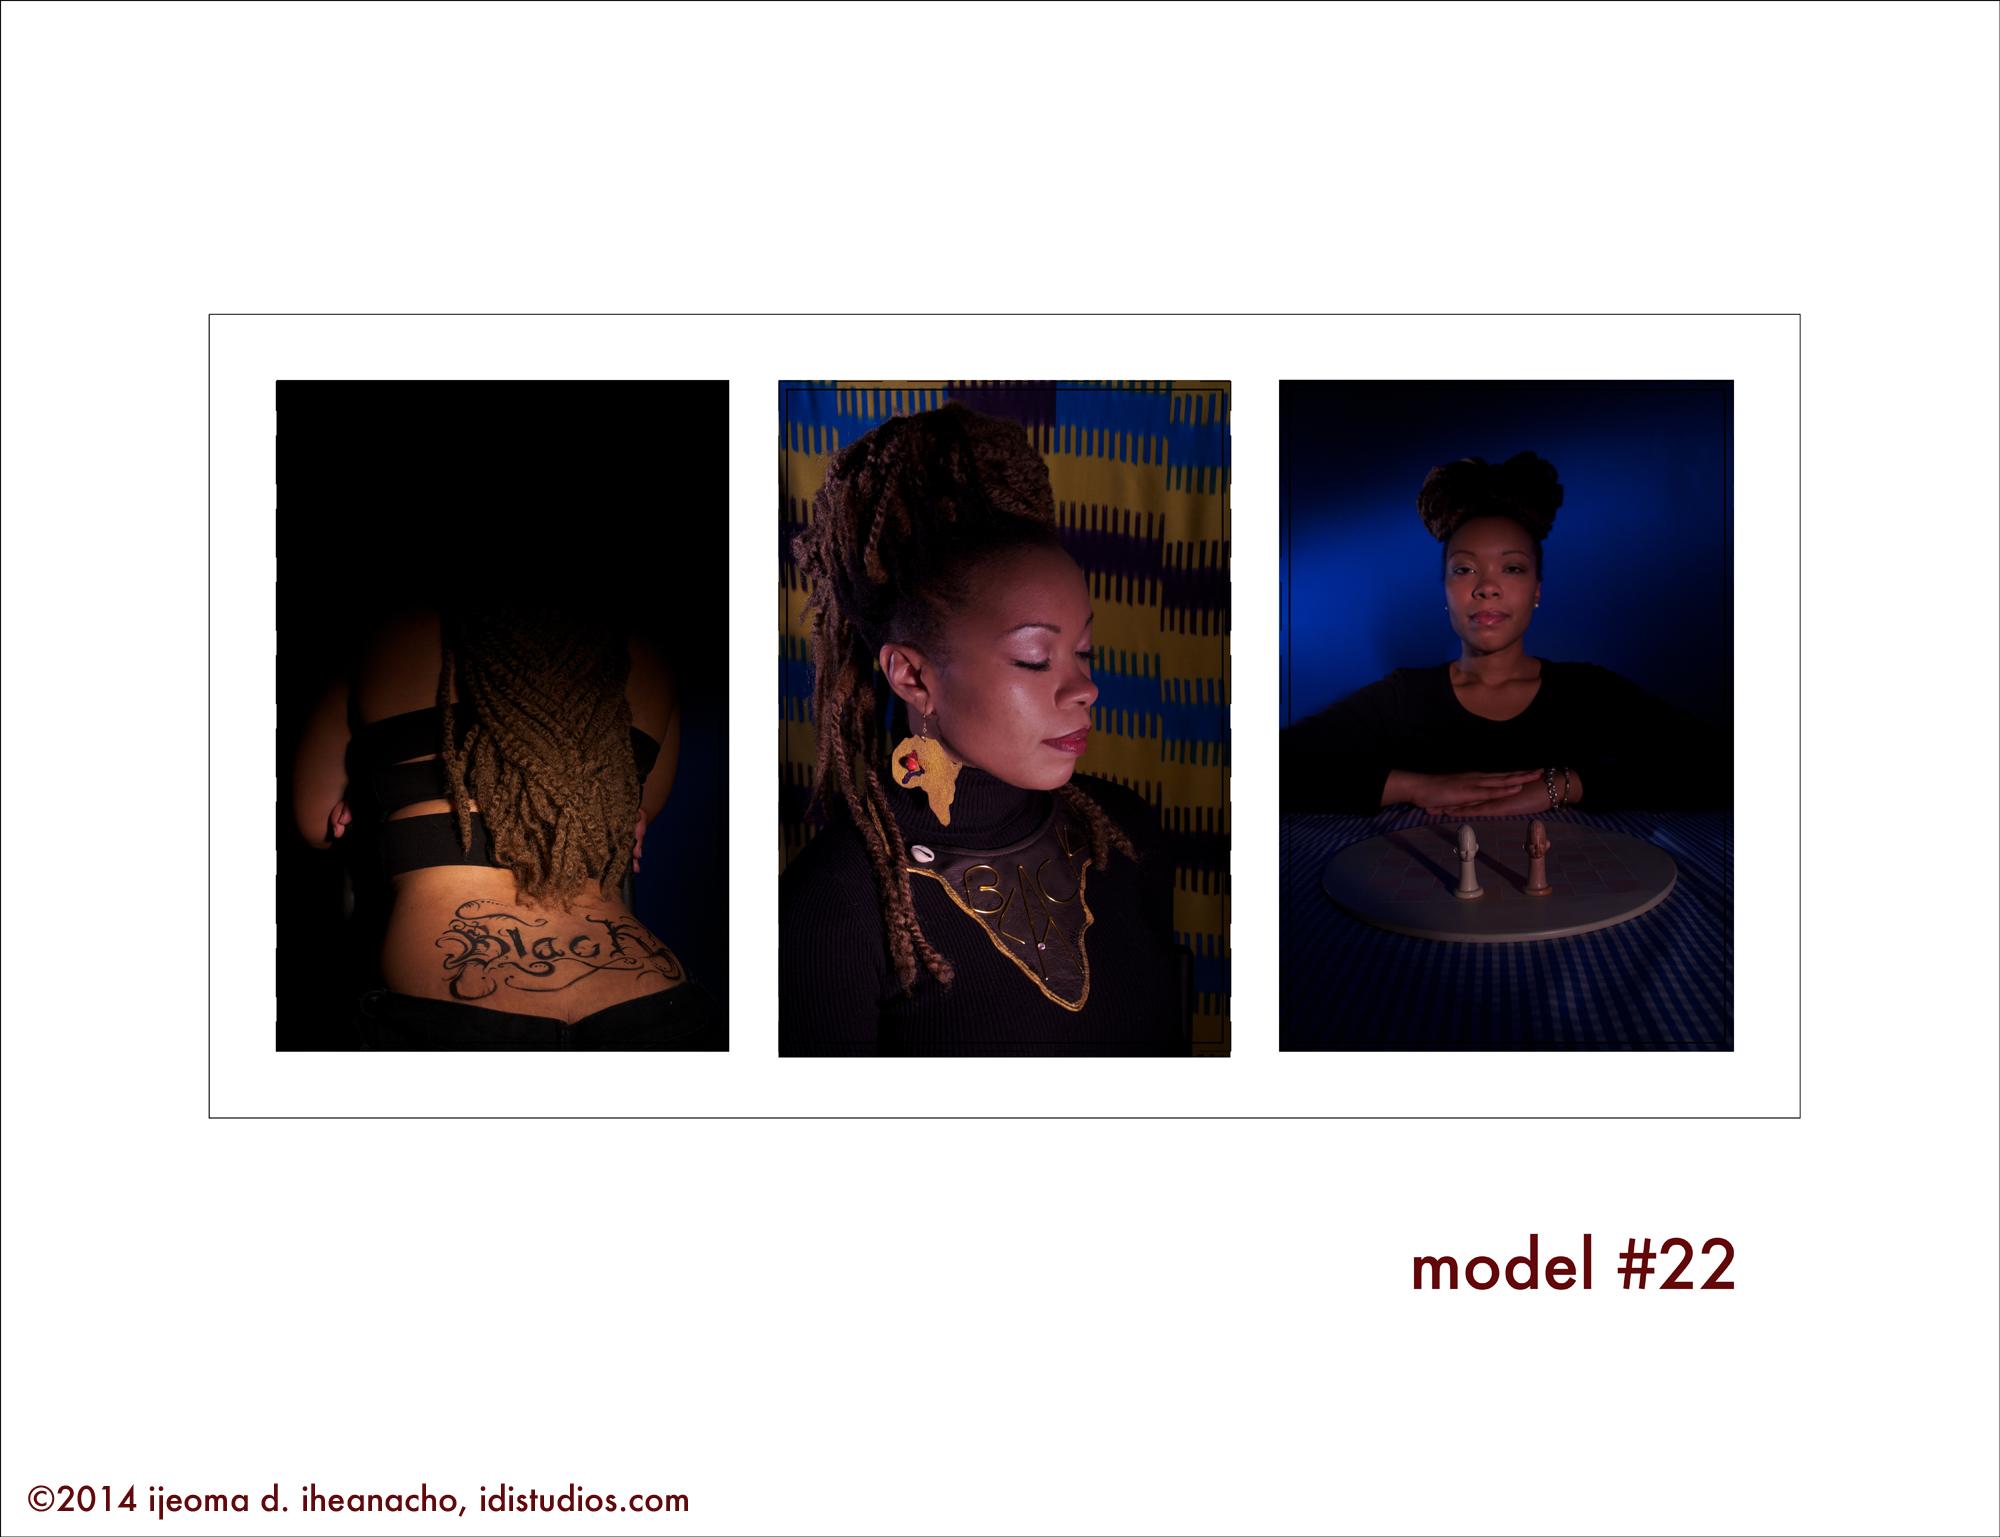 05-reIm Frames-reIm frames model #22.jpg